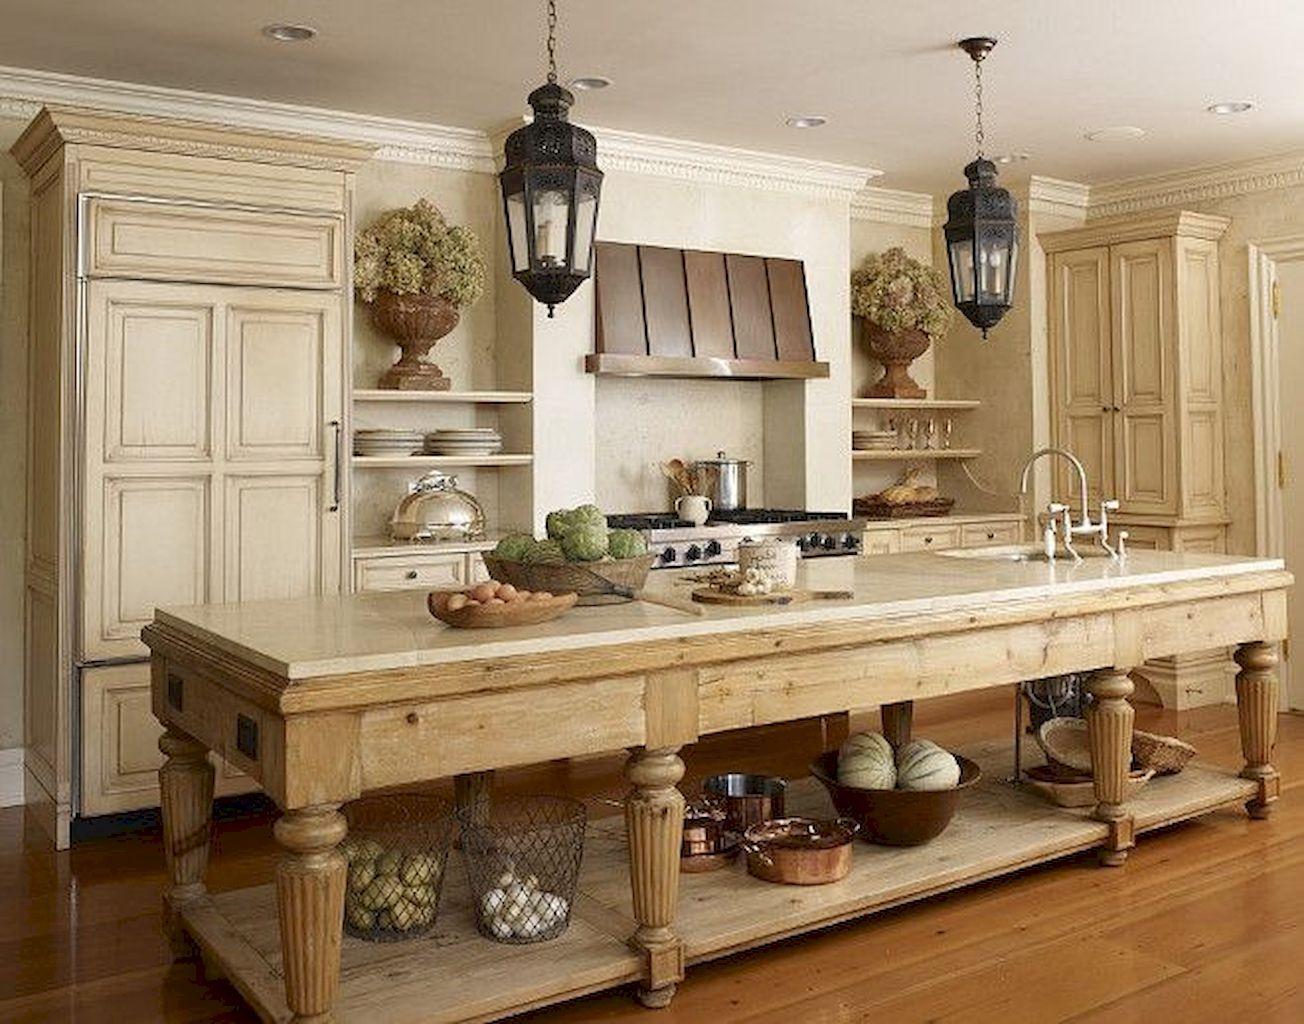 69 Stunning Kitchen Island Design Ideas Kitchen Designs Decor